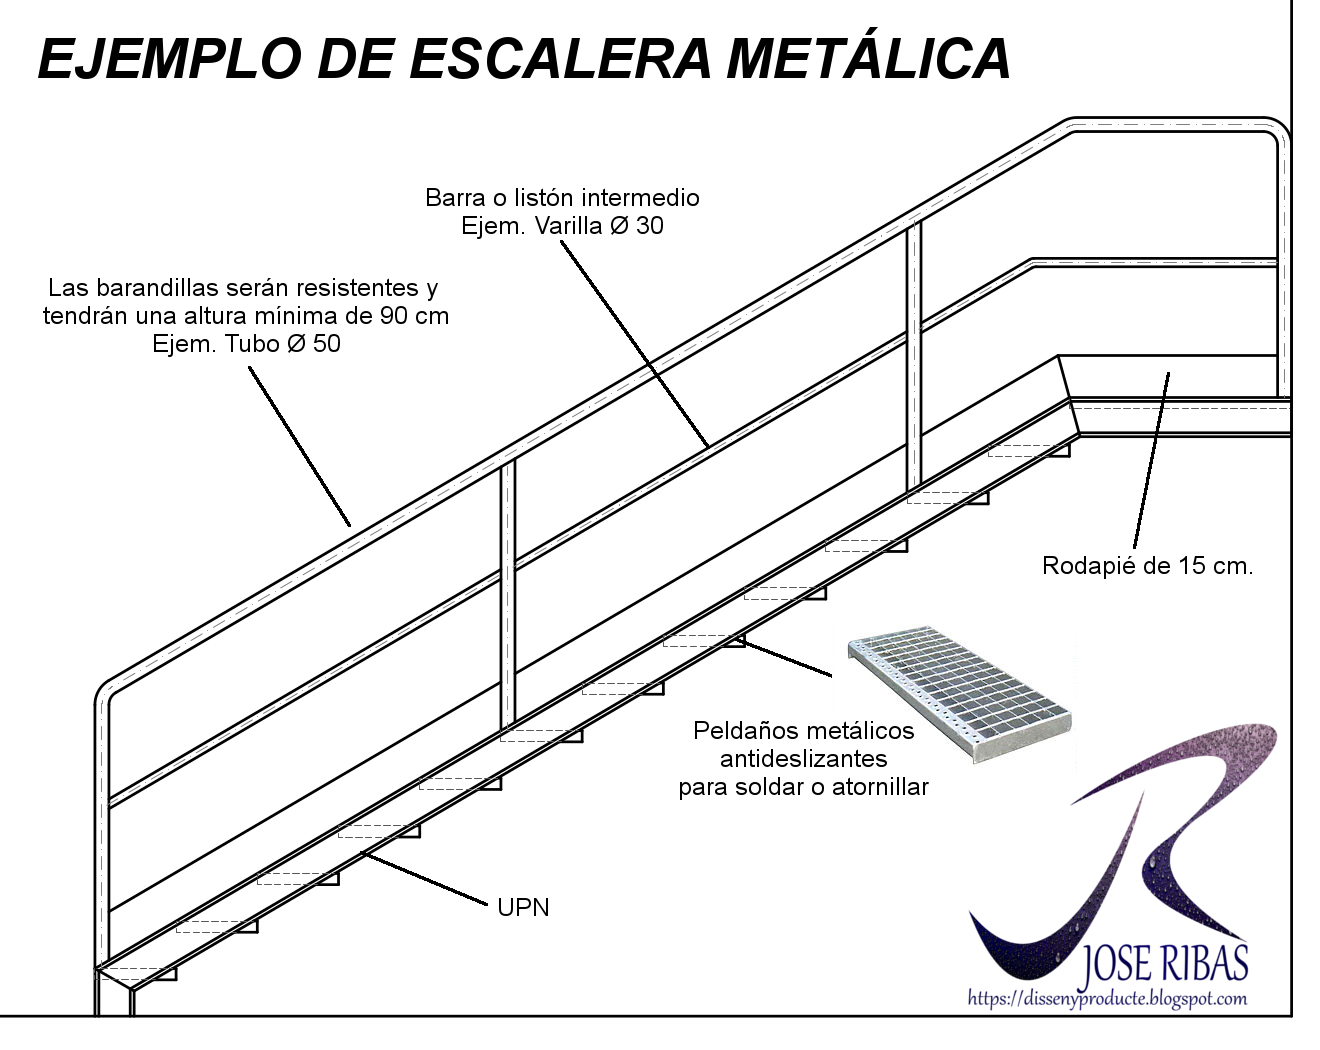 Ejemplo de escalera met lica de uso industrial disseny for Cuantos escalones tiene un piso